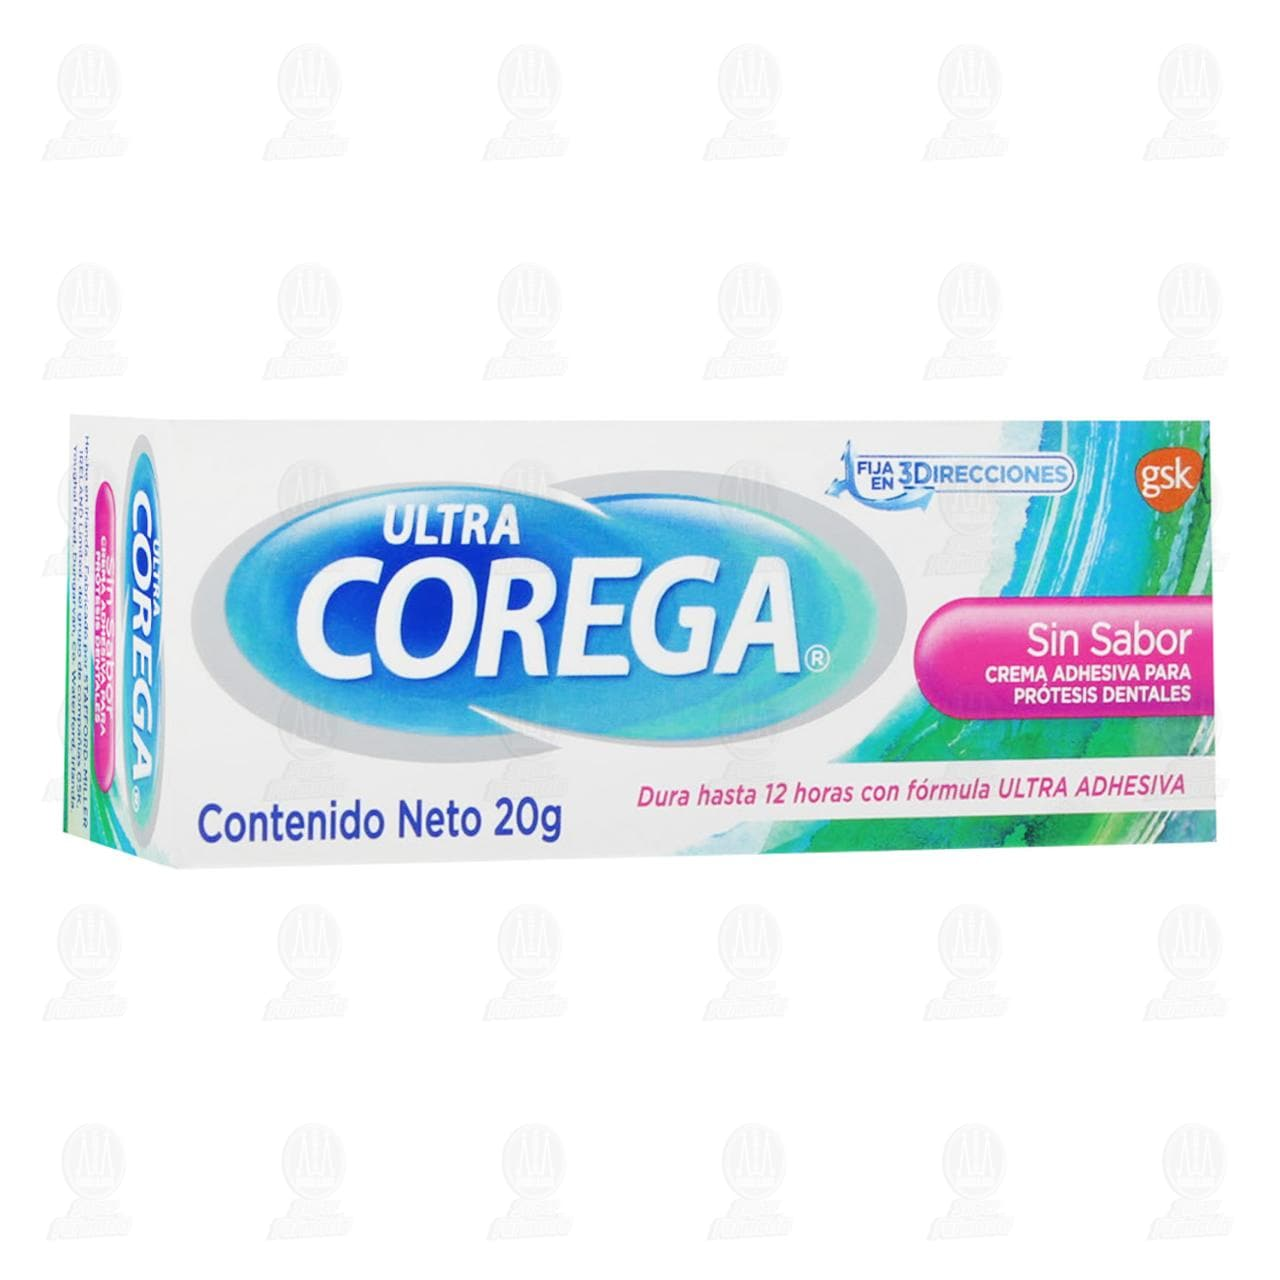 Comprar Crema Adhesiva Corega para Prótesis Dentales Sin Sabor, 20 gr. en Farmacias Guadalajara